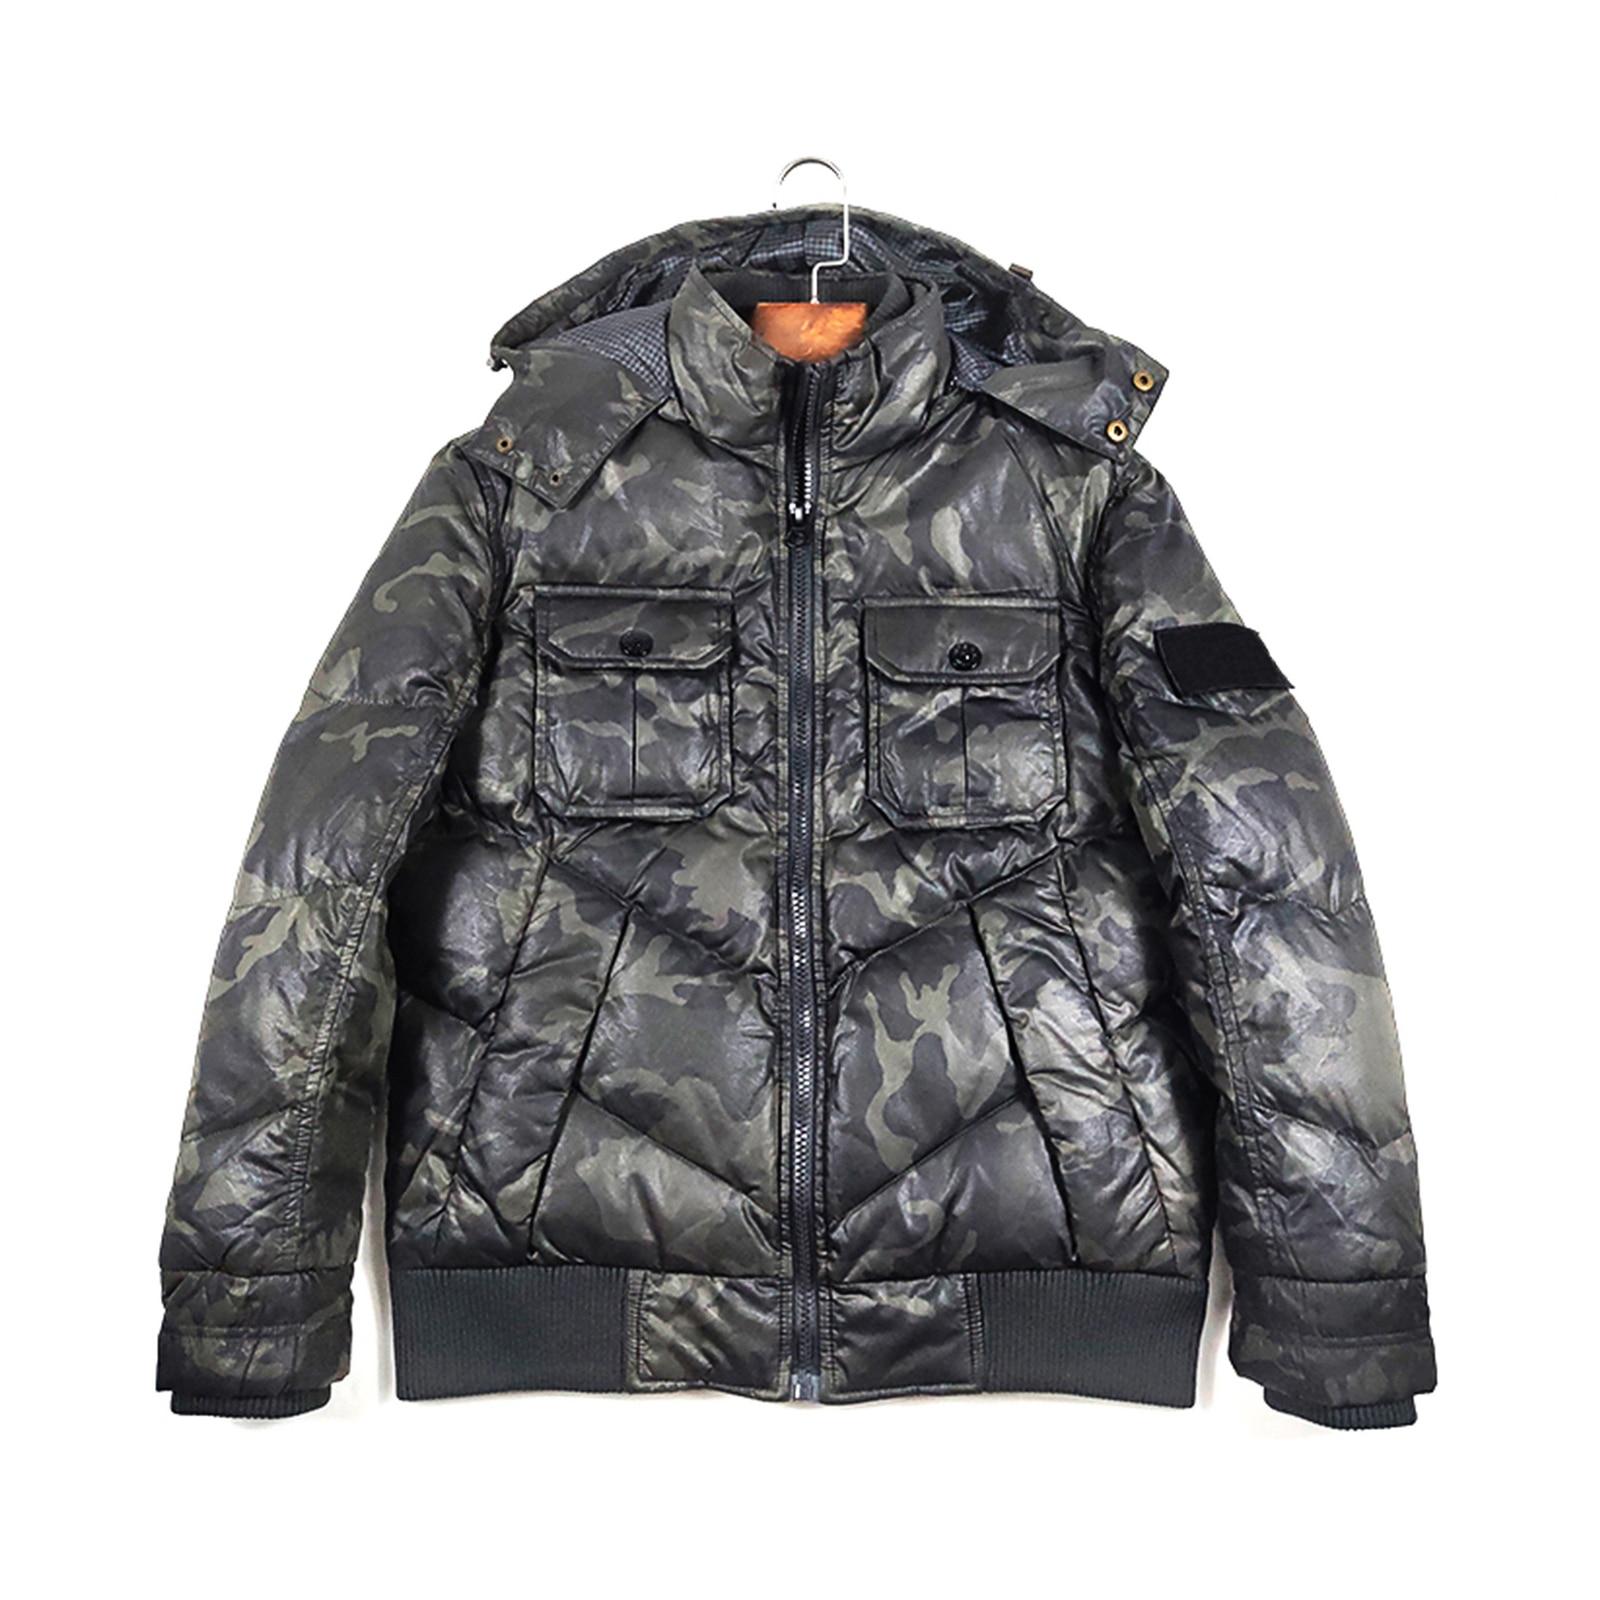 Зимний мужской пуховик с компасом, модная зимняя теплая пуховая куртка для отдыха, с белым утиным пухом, с тканевым наполнителем весом 1 кг, н... gucci пуховик с синт наполнителем